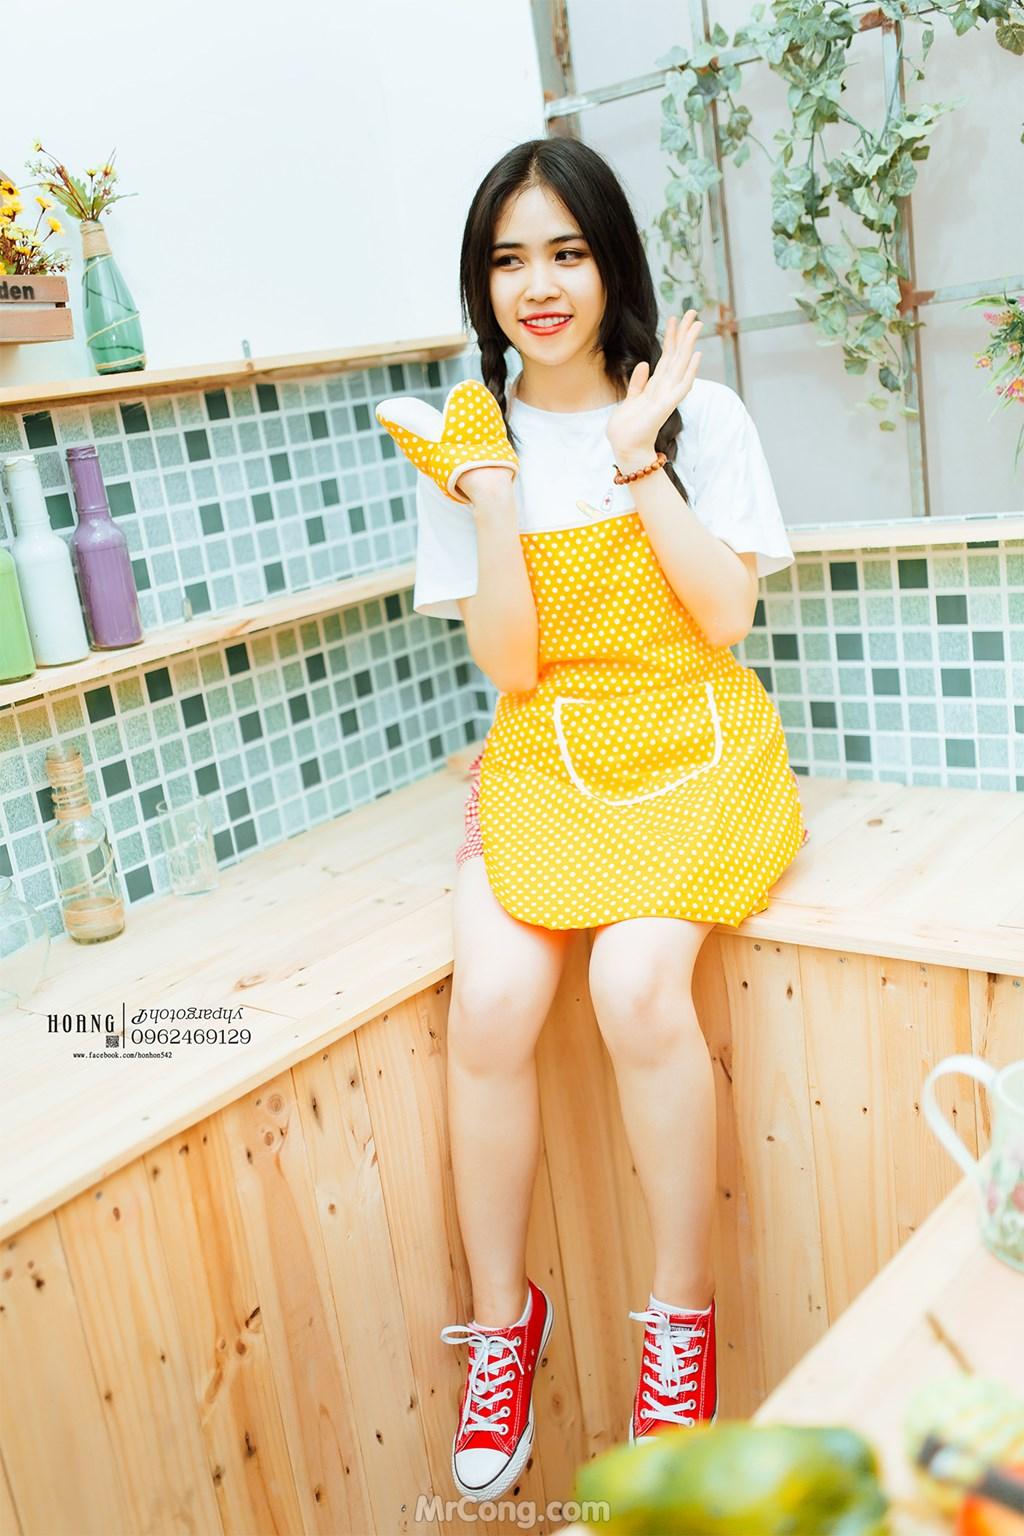 Ảnh Hot girl, sexy girl, bikini, người đẹp Việt sưu tầm (P11) Vietnamese-Models-by-Hoang-Nguyen-MrCong.com-024